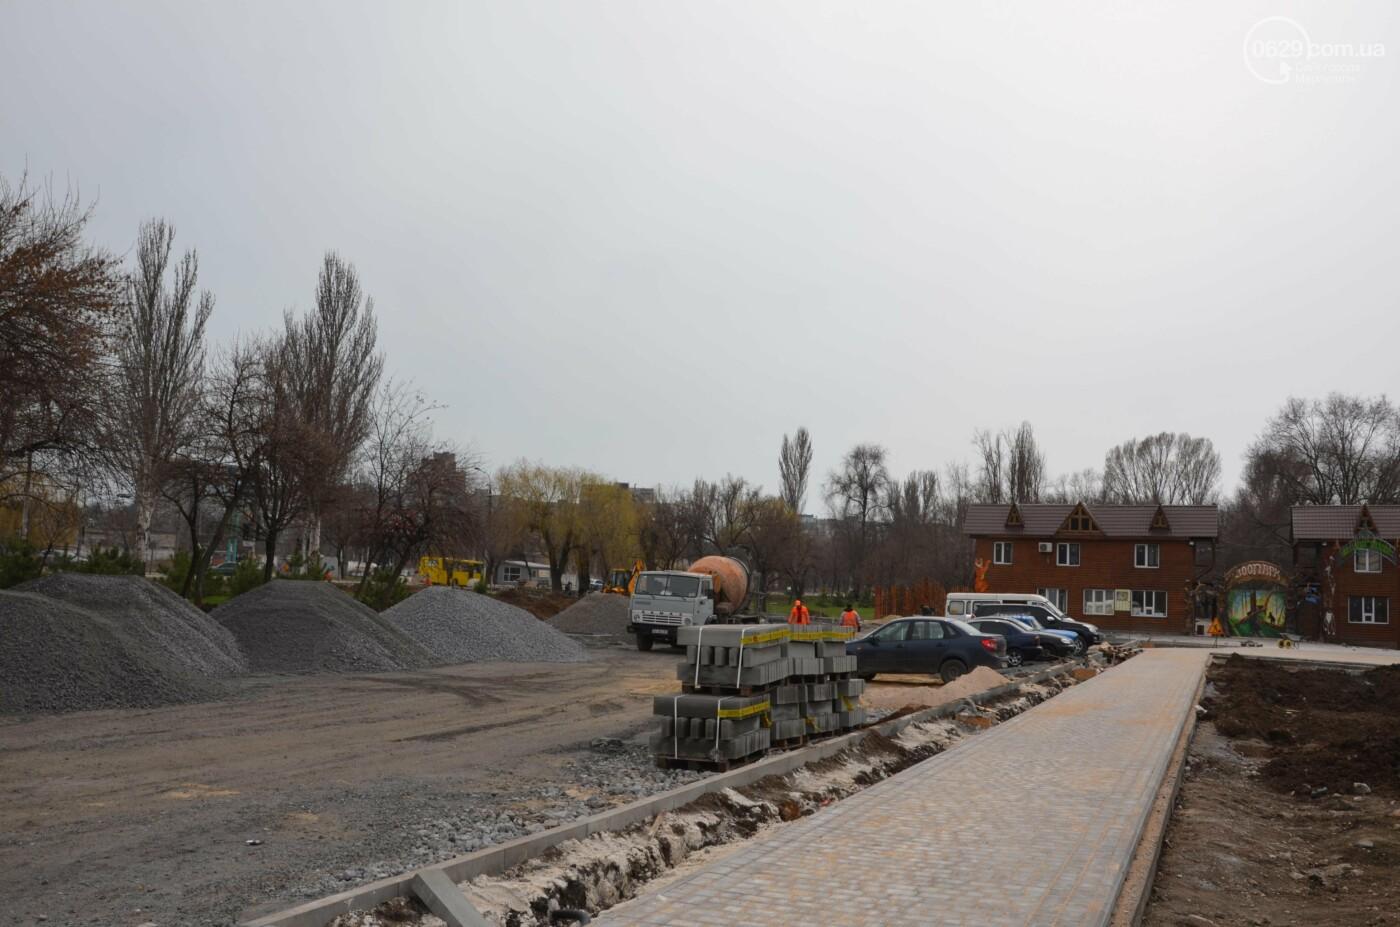 4 года в ремонте! В Мариуполе парк им. Гурова готовится к открытию, - ФОТОРЕПОРТАЖ, фото-4